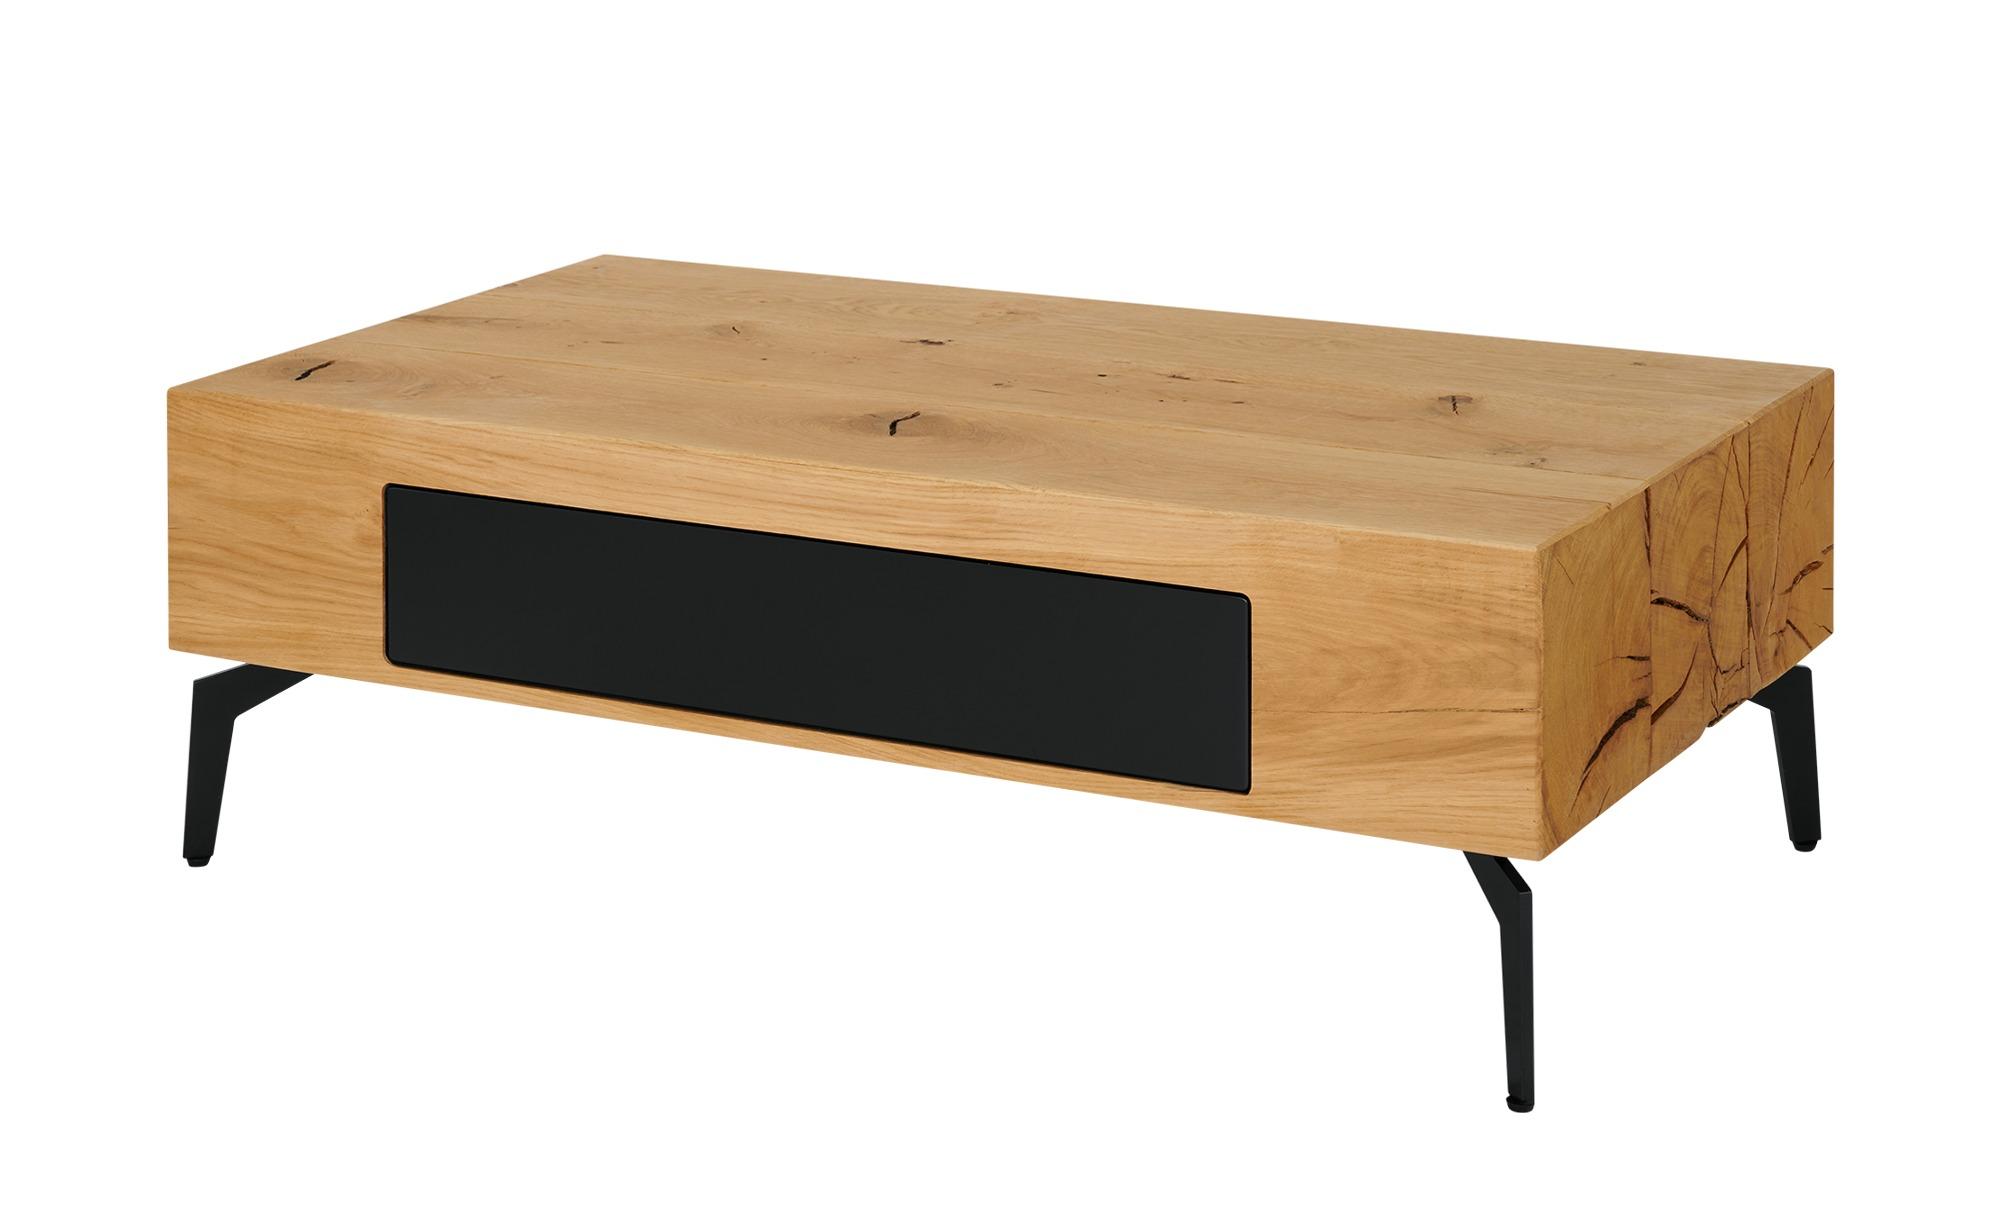 Couchtisch  Enego ¦ holzfarben ¦ Maße (cm): B: 60 H: 37 Tische > Couchtische > Couchtische rechteckig - Höffner